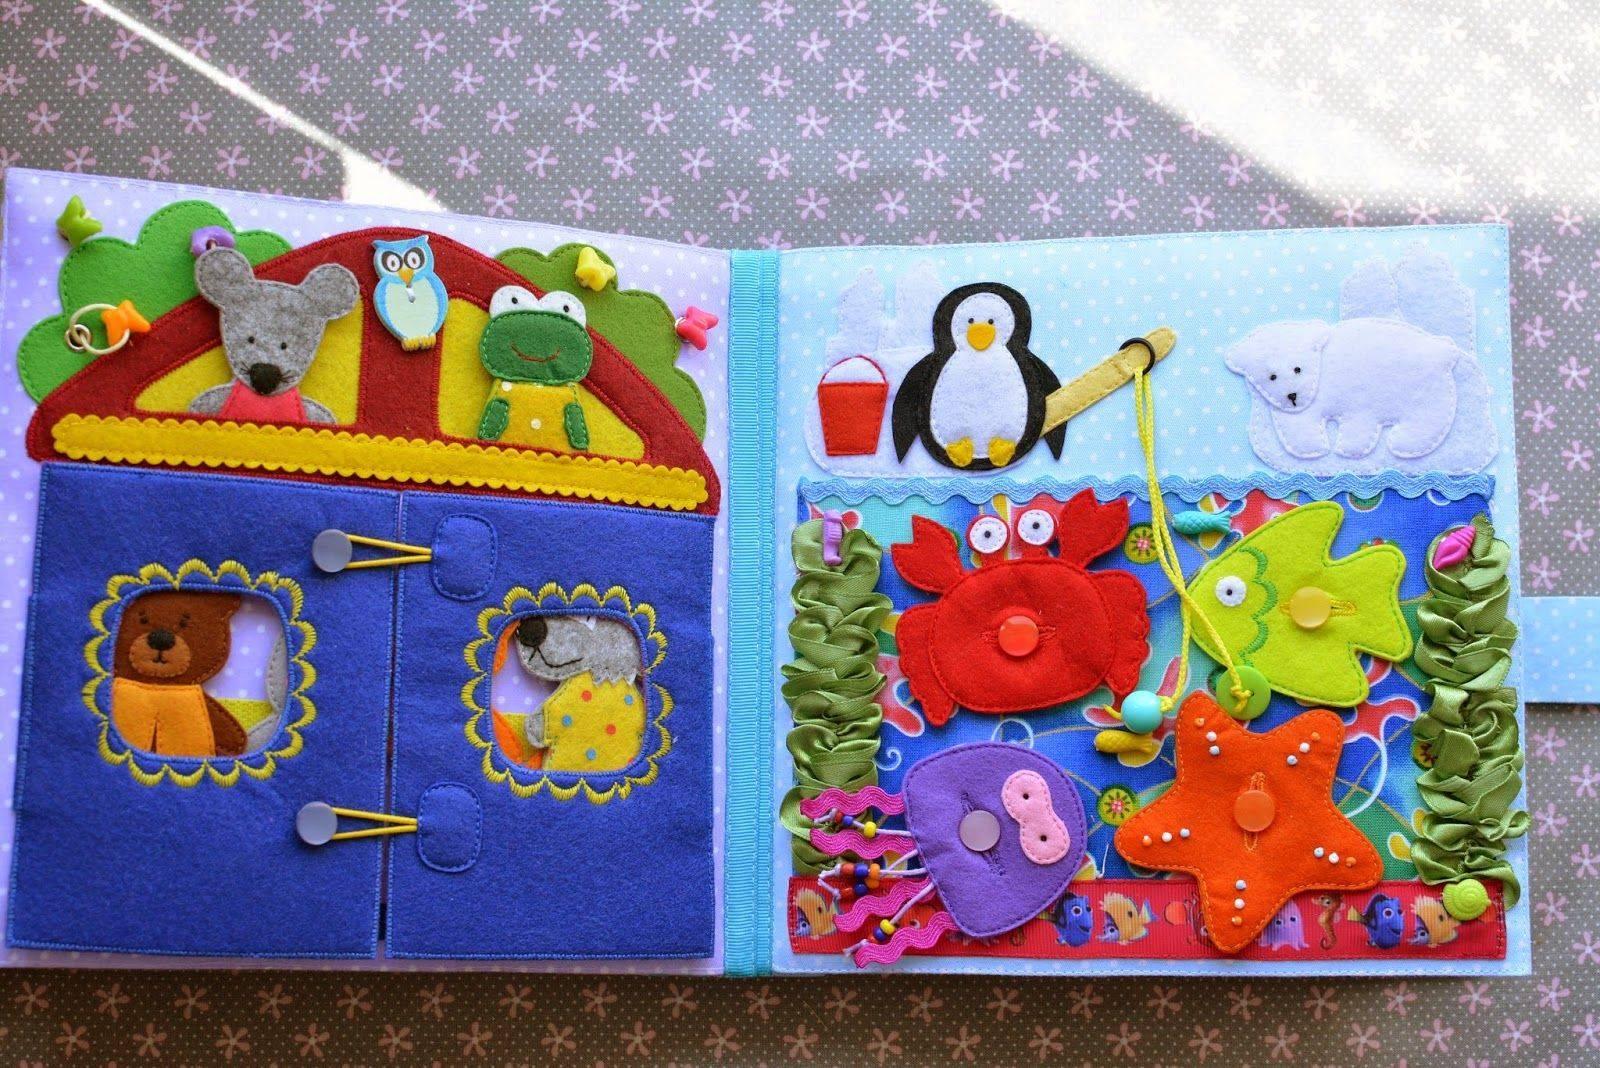 Красивые поделки для детей 2 лет - 160 фото лучших идей детских поделок + инструкция создания красивых изделий своими руками для детей 2 лет